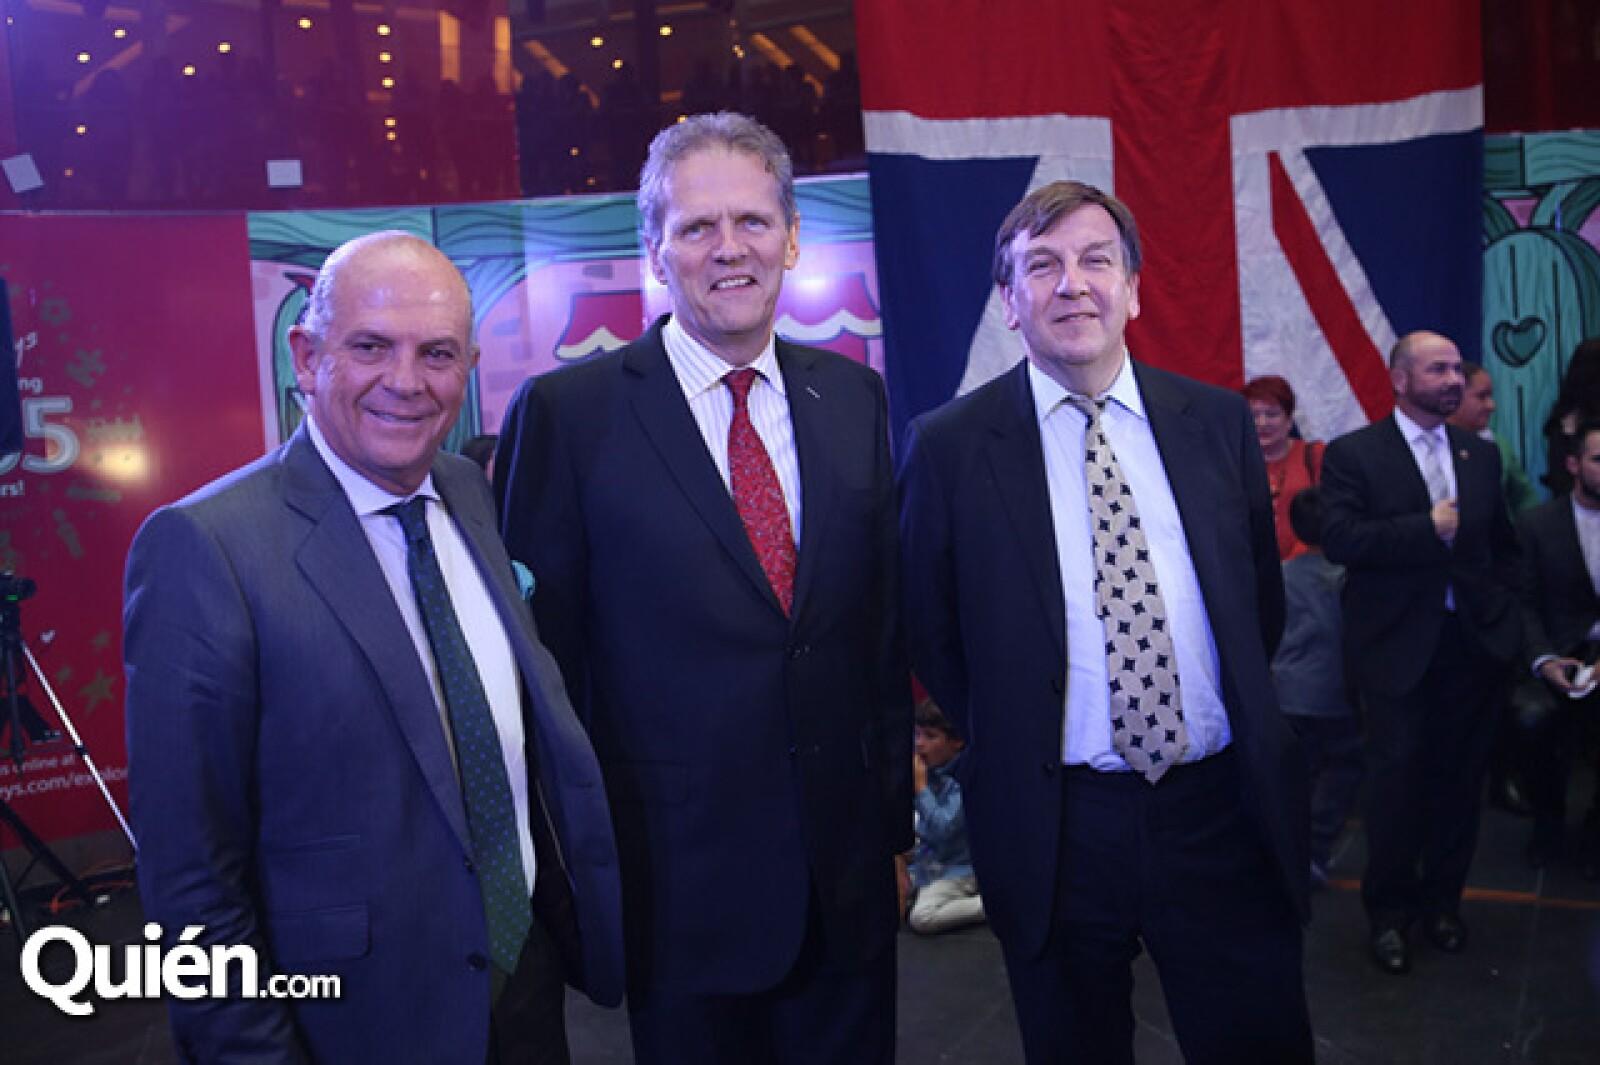 Javier Sordo Madaleno, Duncan Teylor y Johan Whittingdale